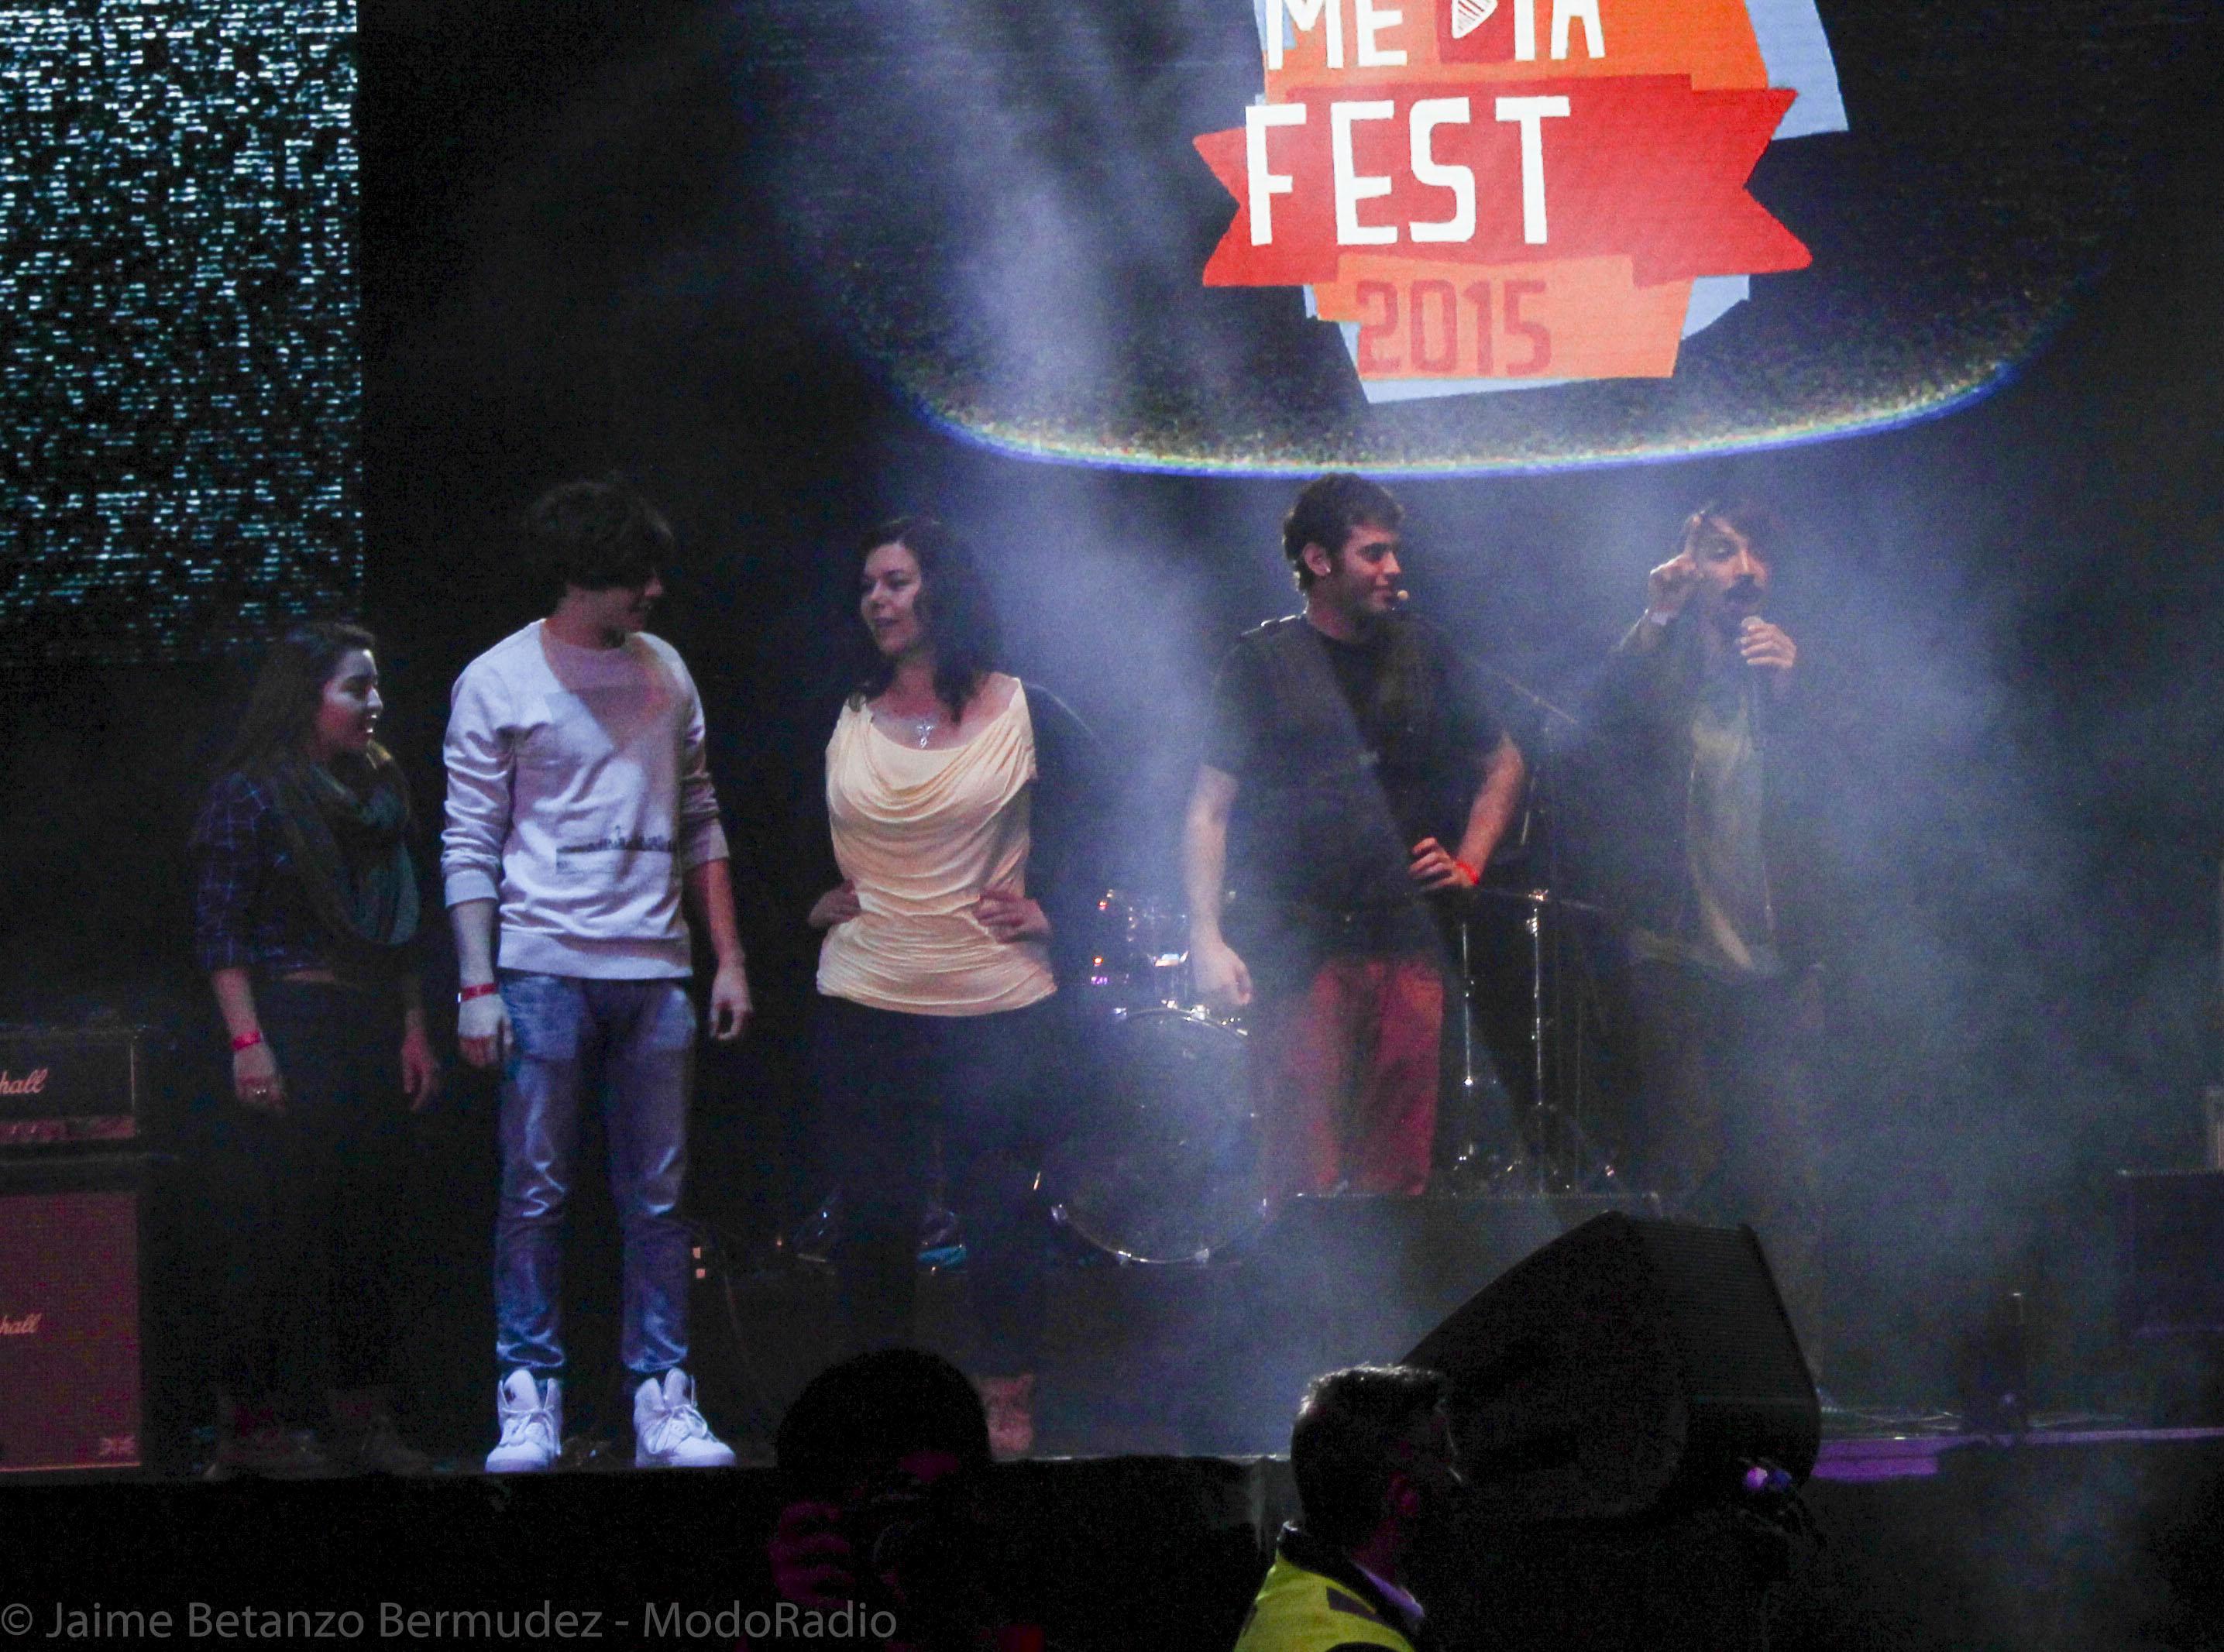 ¡Asi se vivió el Primer Día del @ClubMediaFest Chile 2015!